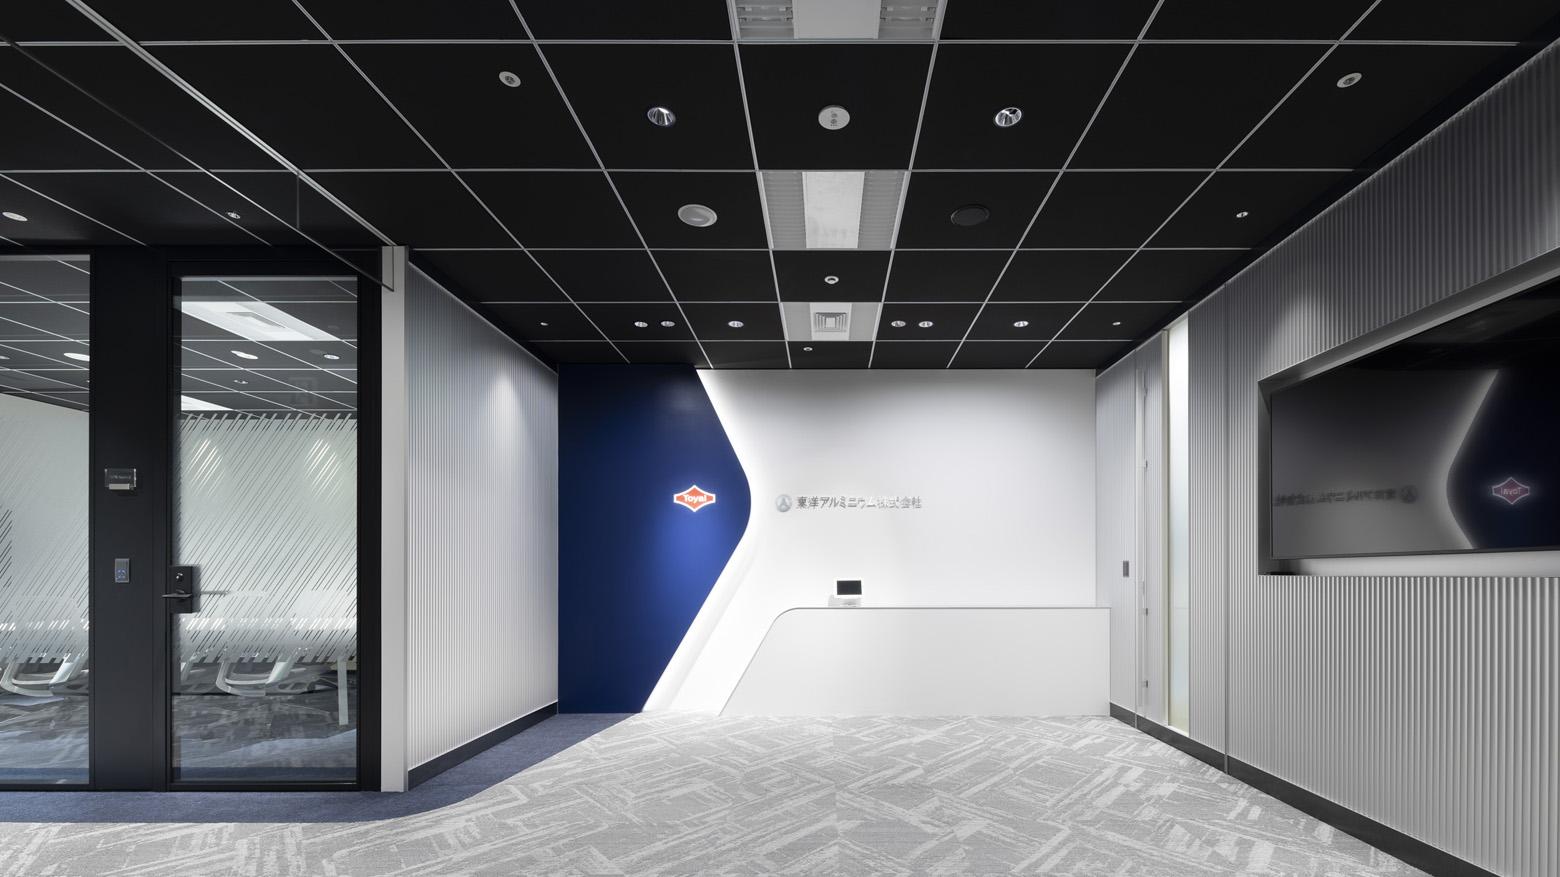 東洋アルミニウム株式会社 Entrance_2 デザイン・レイアウト事例